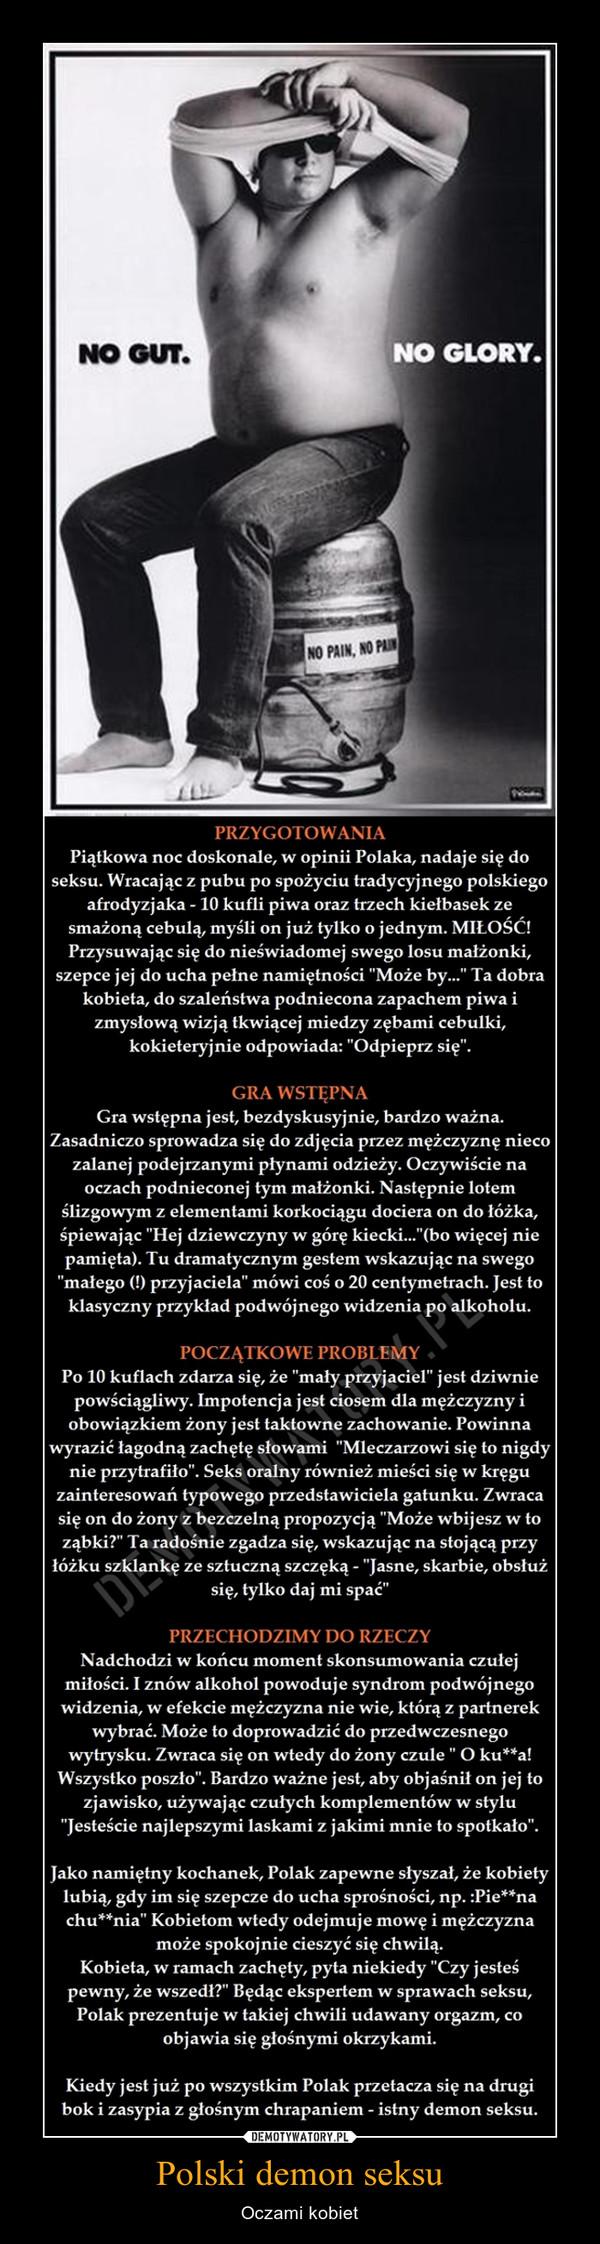 Polski demon seksu – Oczami kobiet